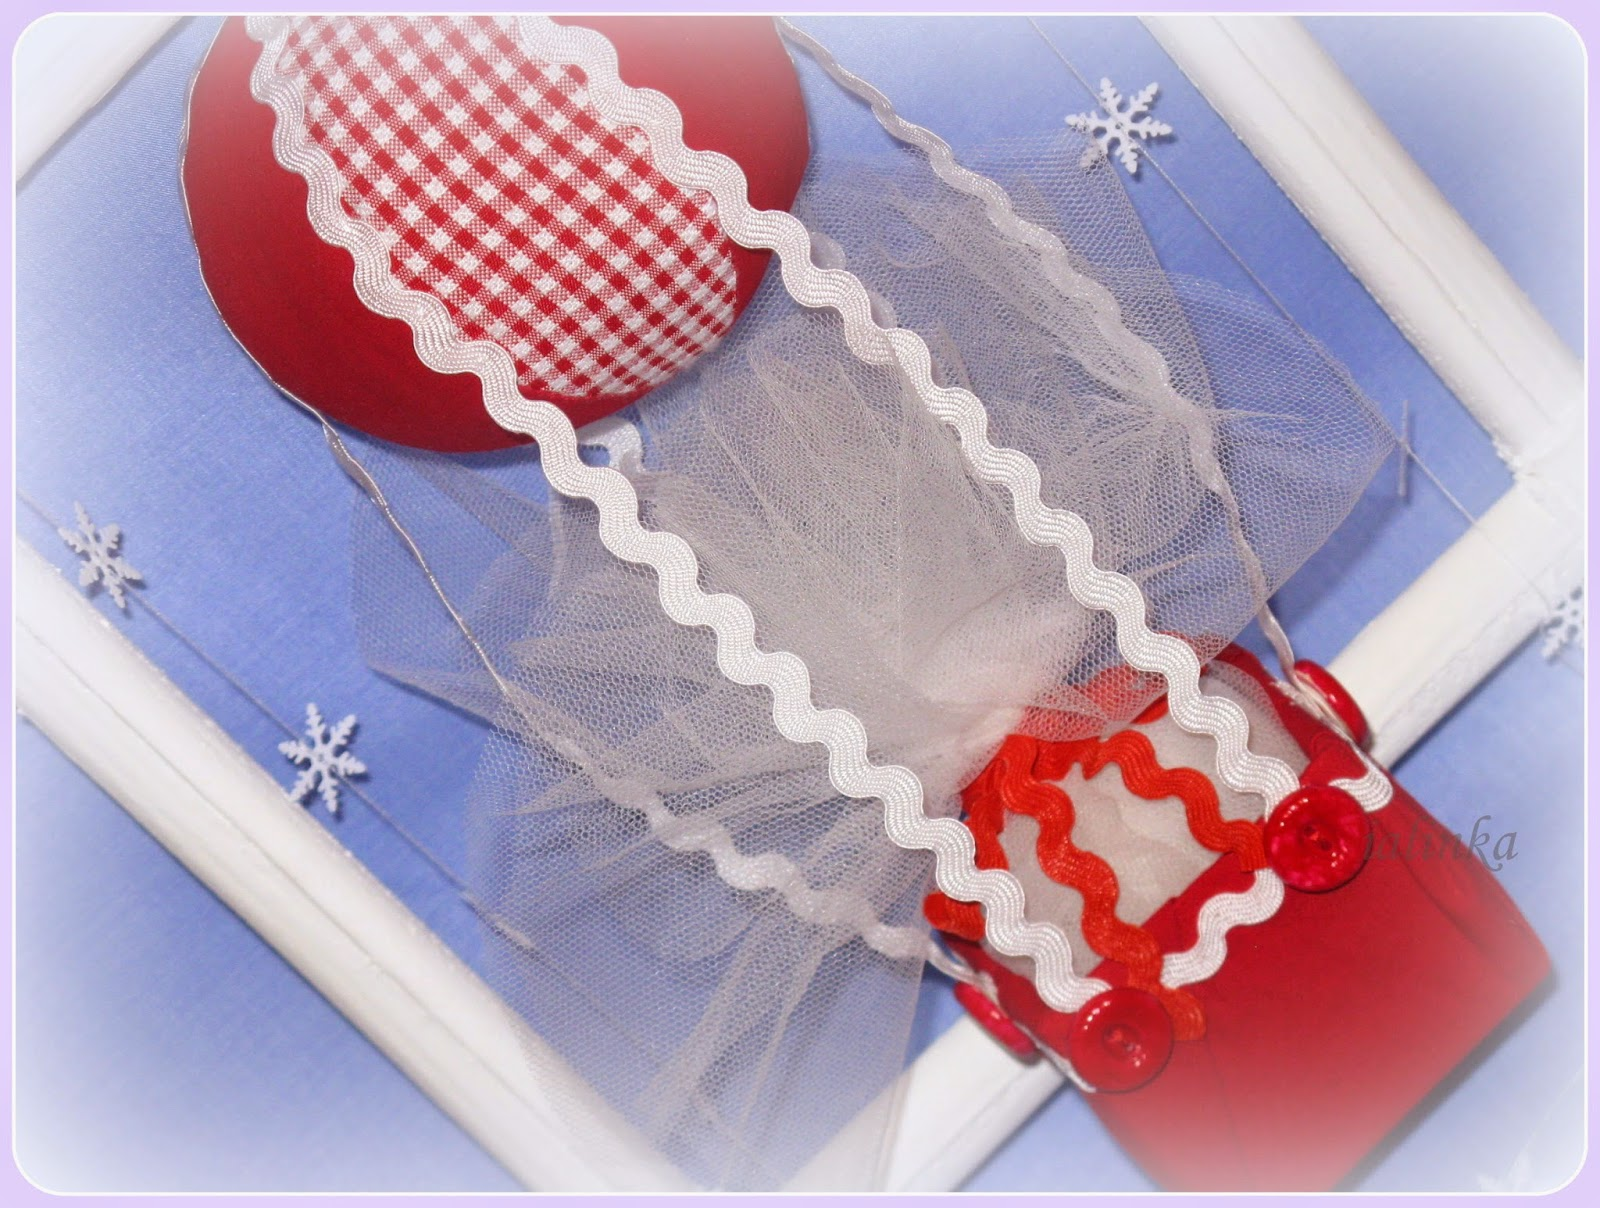 воздушный  шар  декор  на  елку  украшение  на елку  новый  год